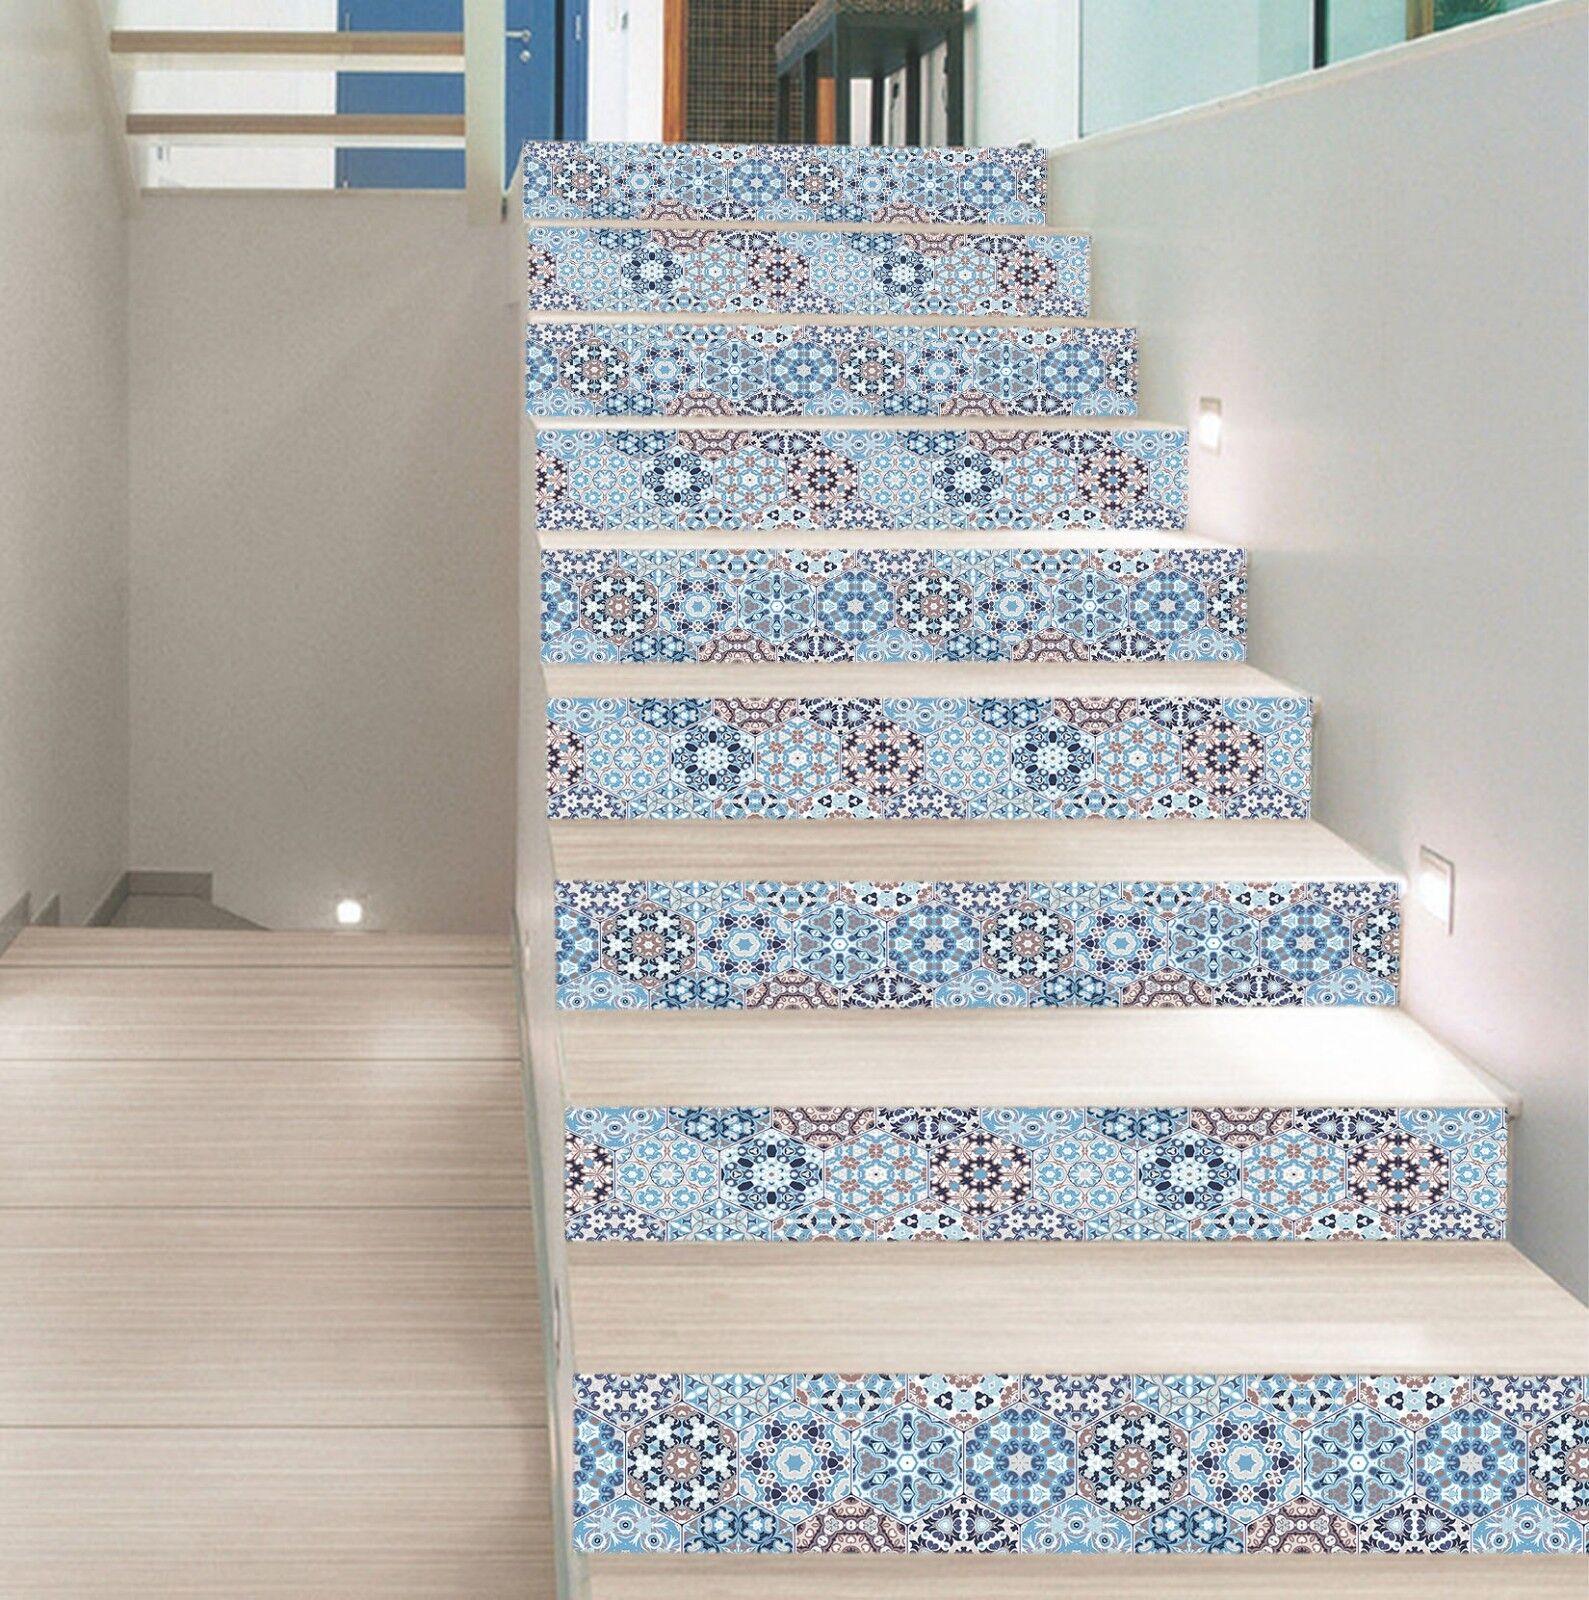 3D Hexagon Blaume 71 Fliese Marmor Stair Risers Fototapete Vinyl Aufkleber Tapete